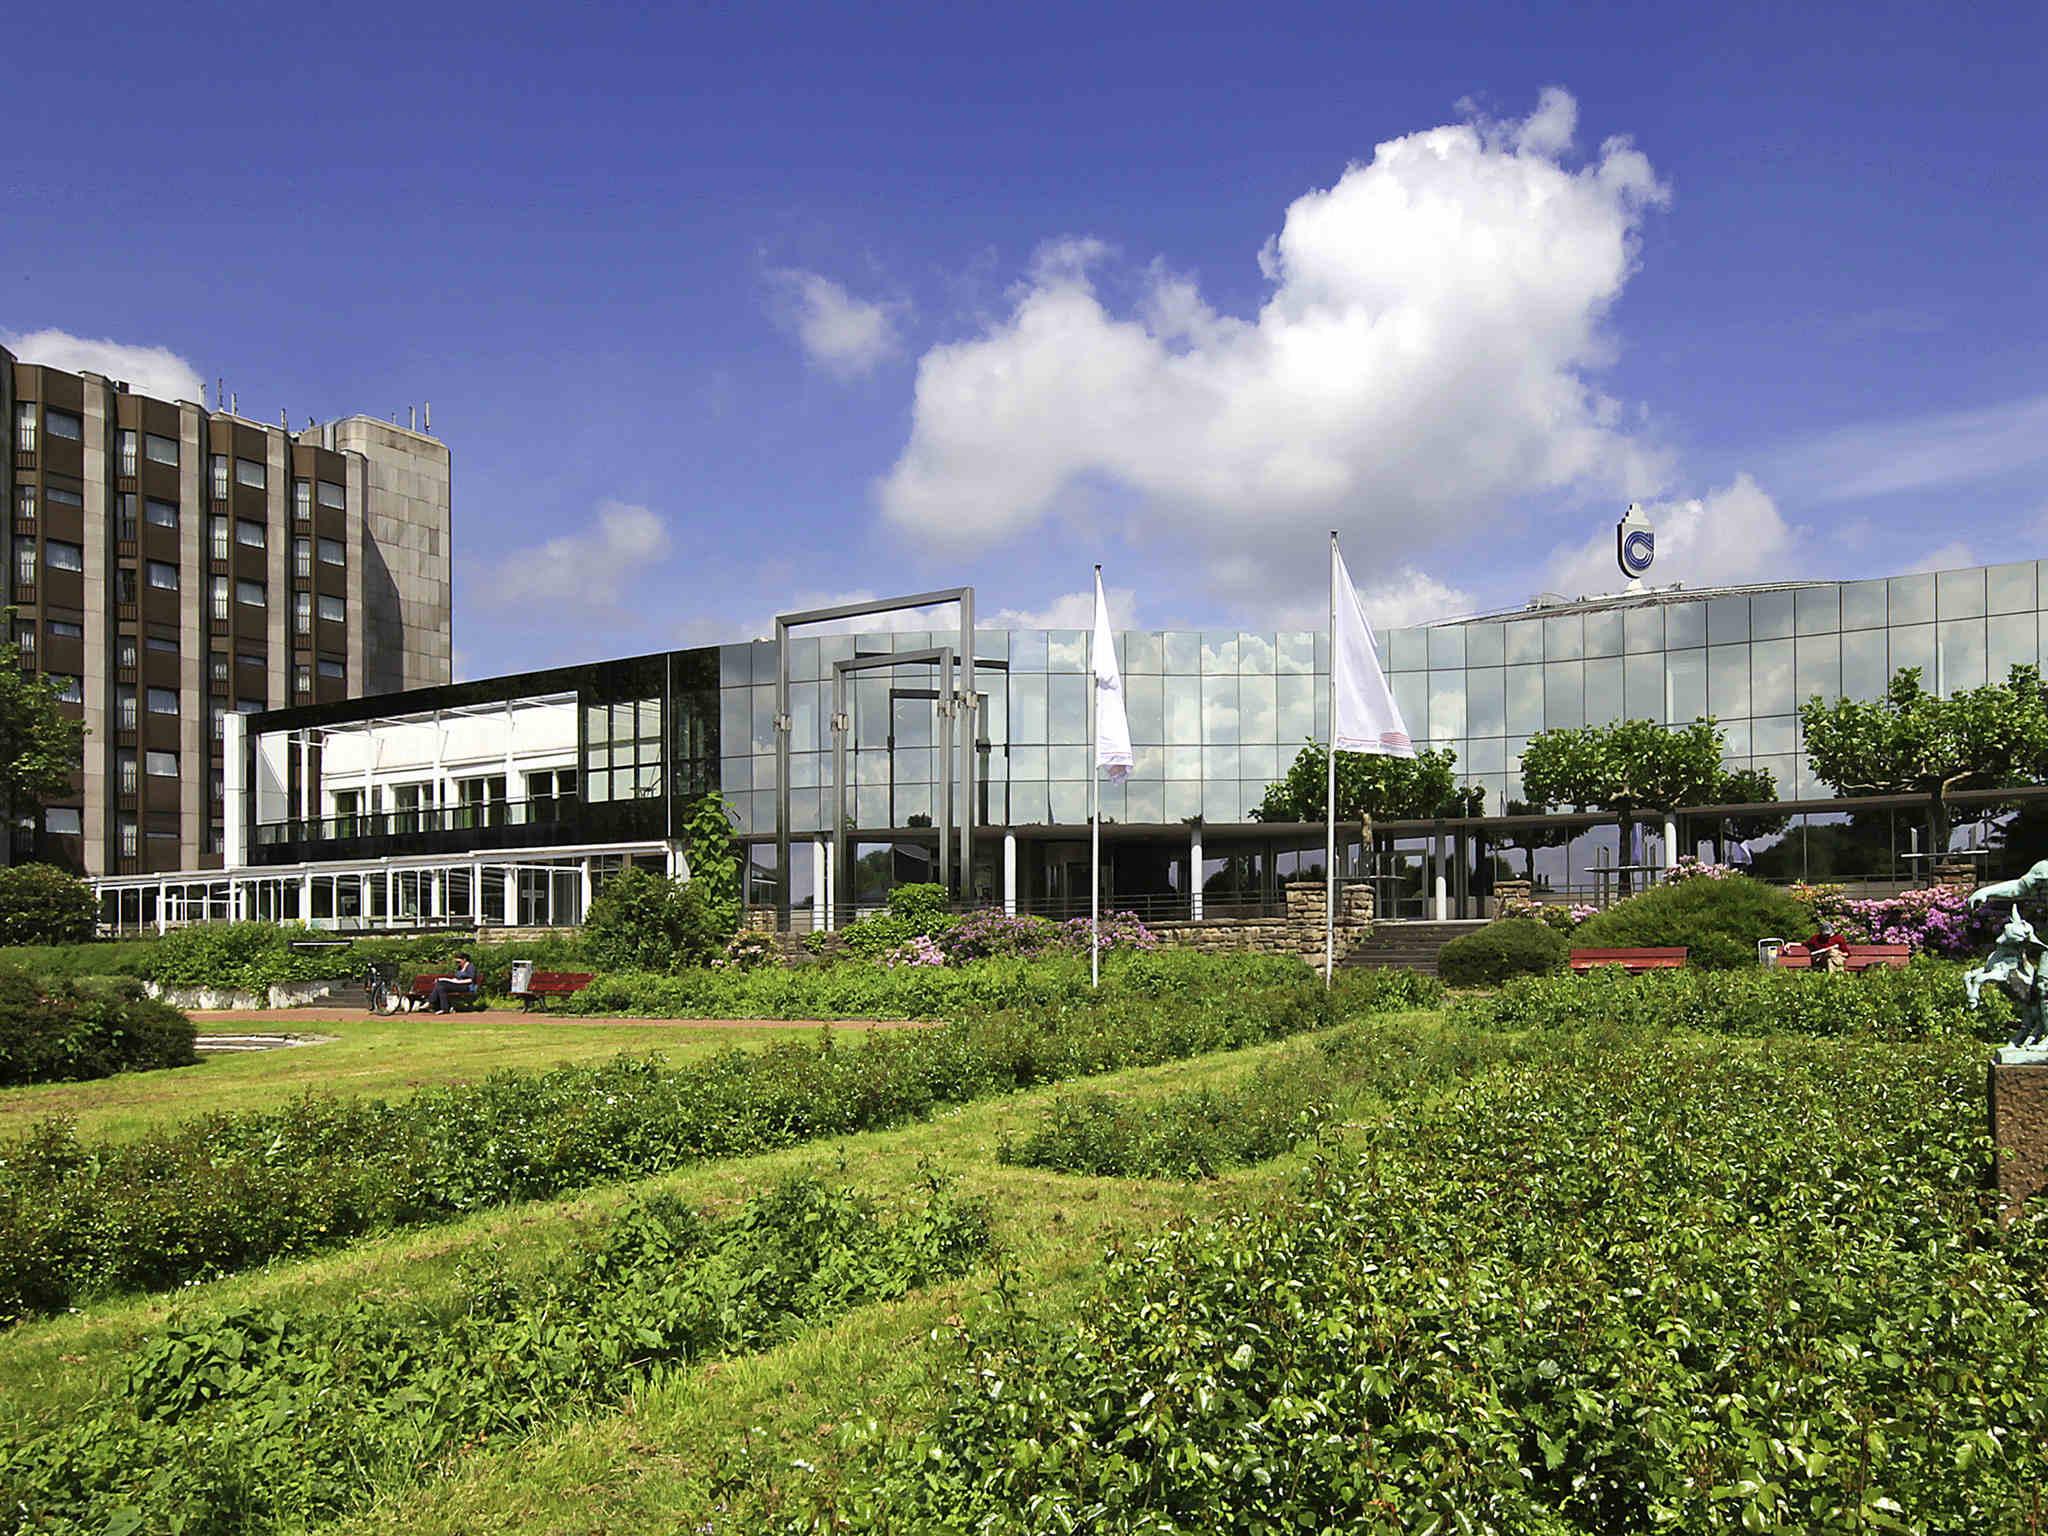 酒店 – 多特蒙德展览和会议美居酒店